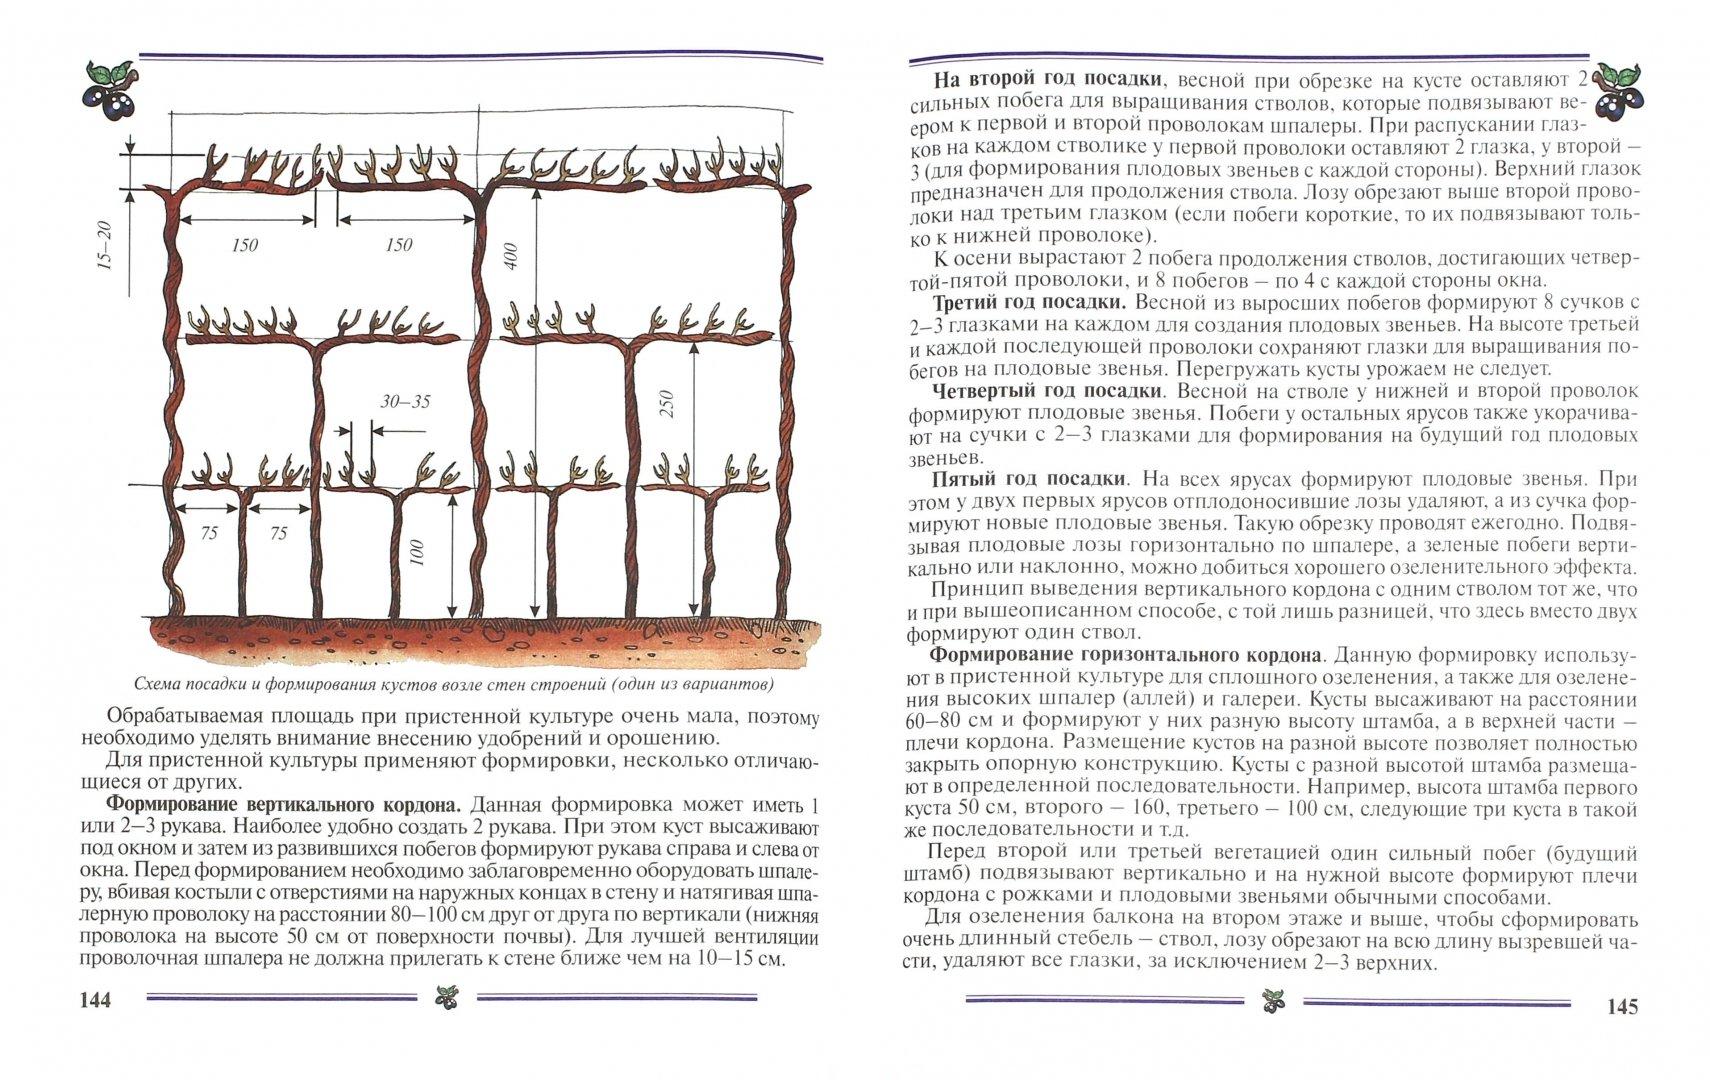 Иллюстрация 1 из 29 для Виноград на приусадебном участке. Пособие для садоводов-любителей - Раджабов, Зармаев   Лабиринт - книги. Источник: Лабиринт